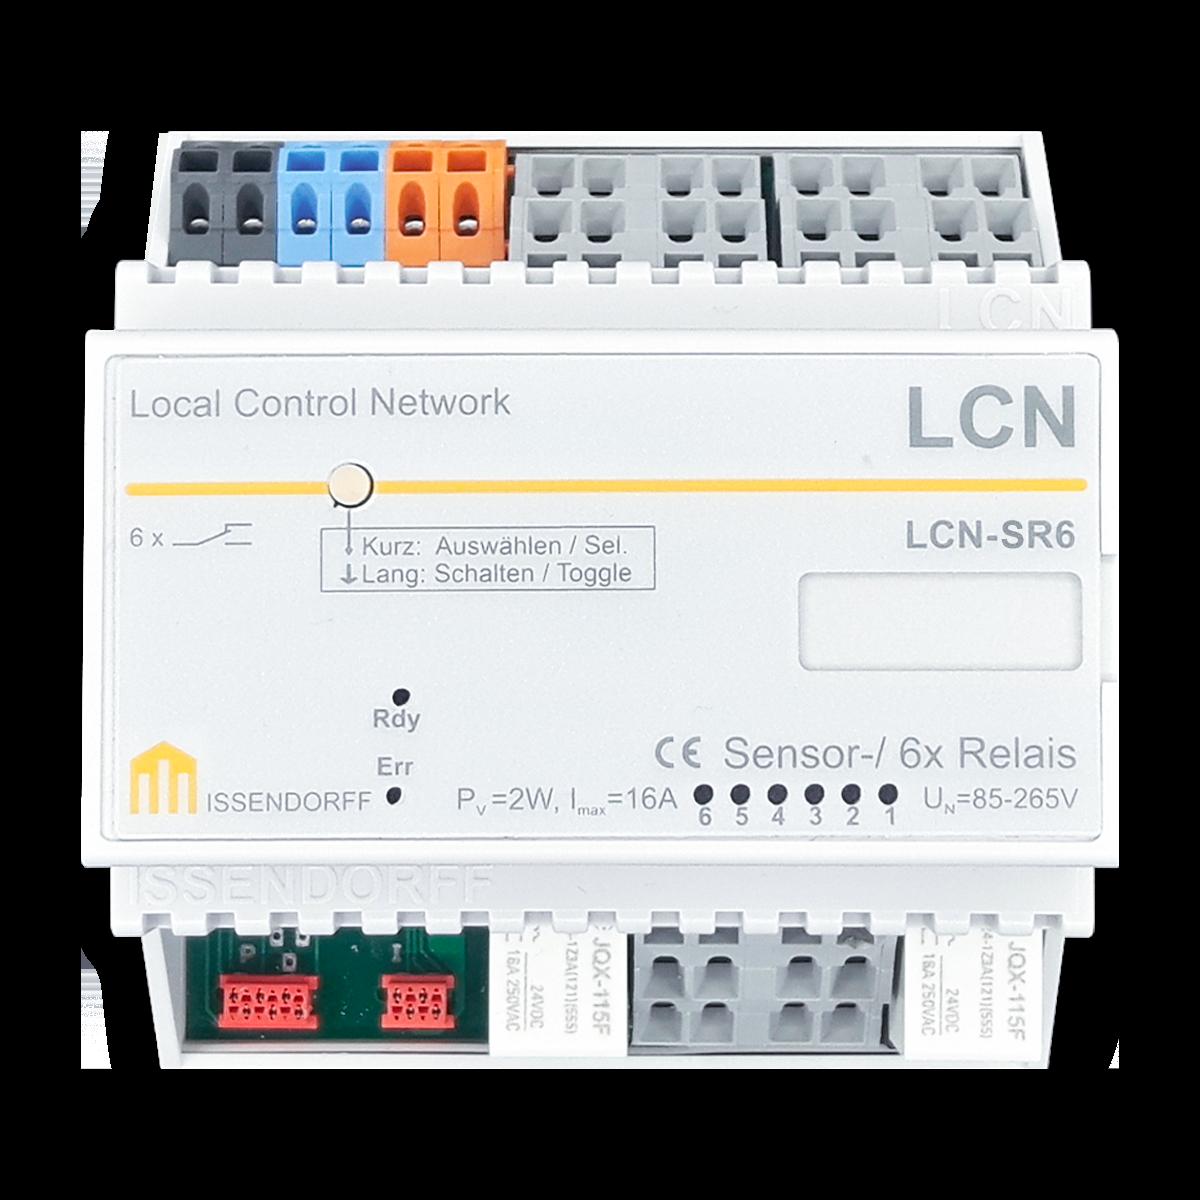 LCN-SR6